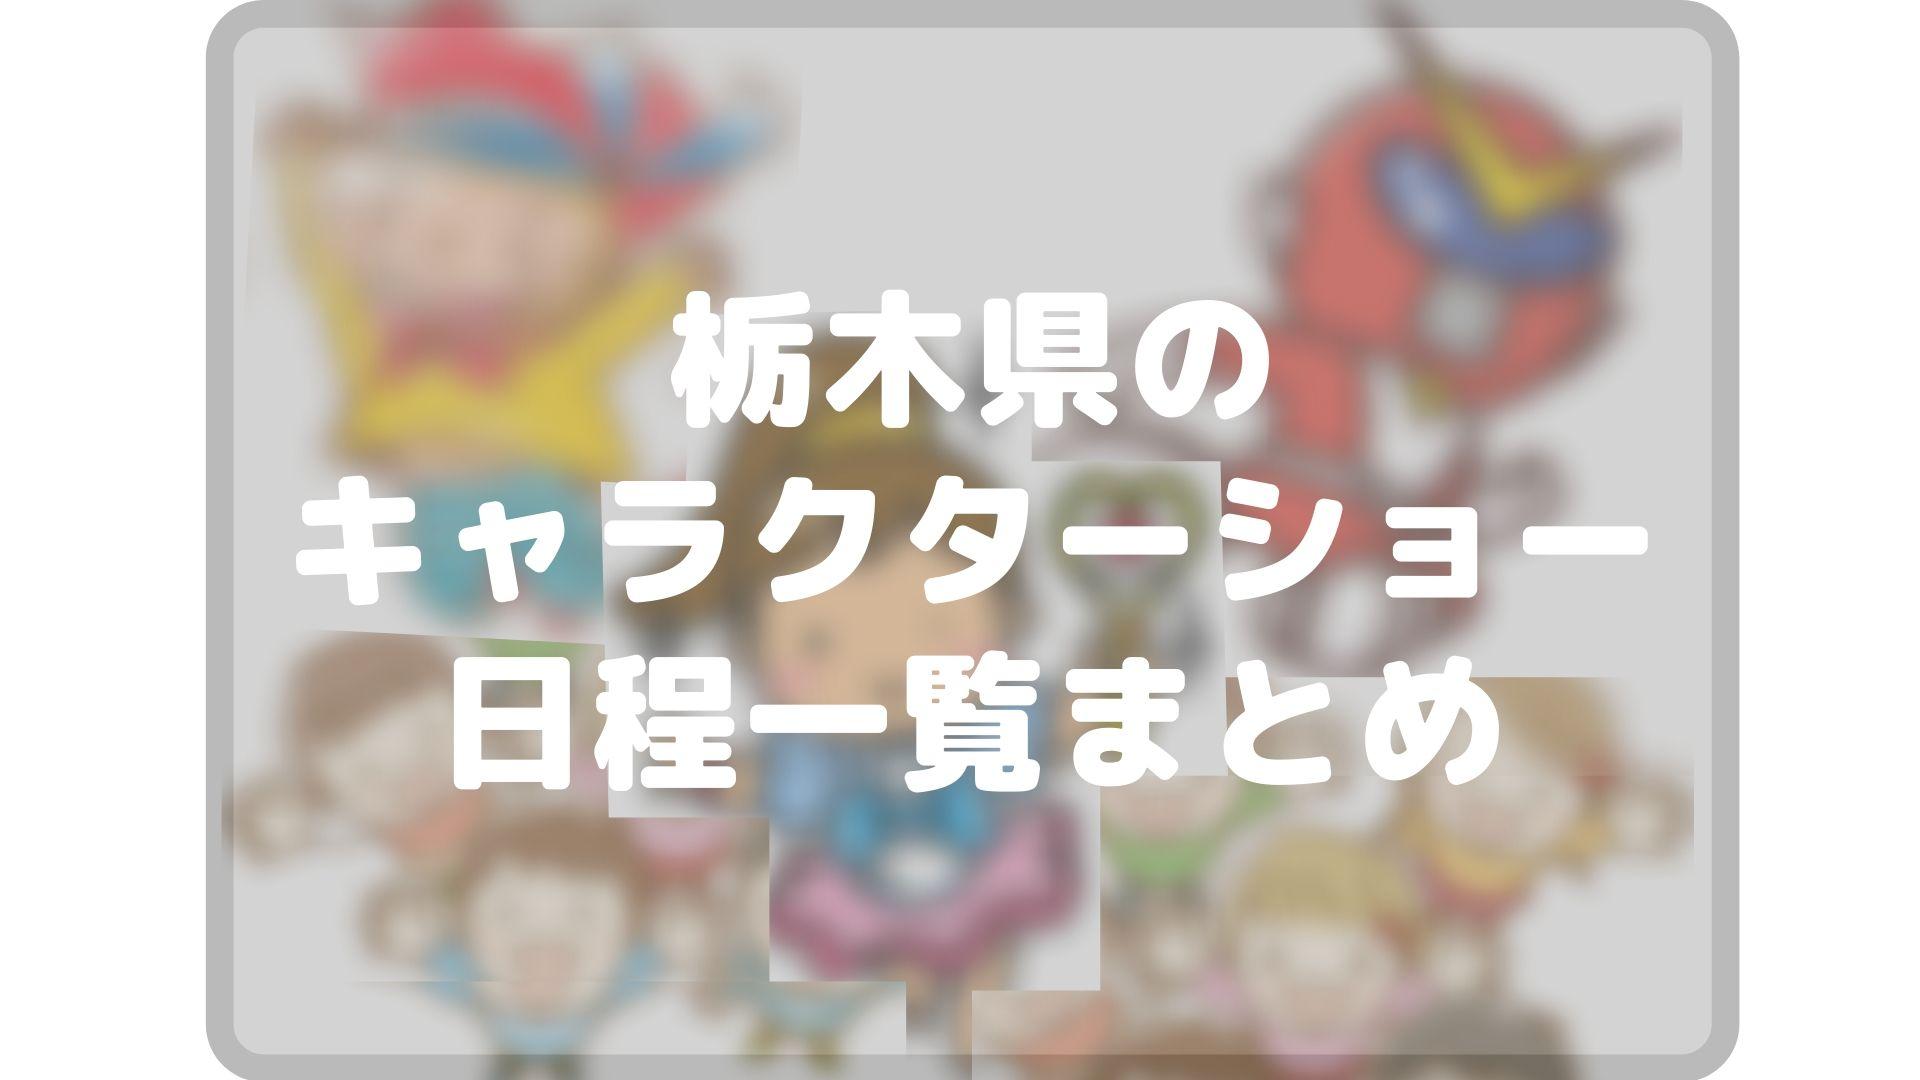 栃木県のキャラクターショーまとめタイトル画像